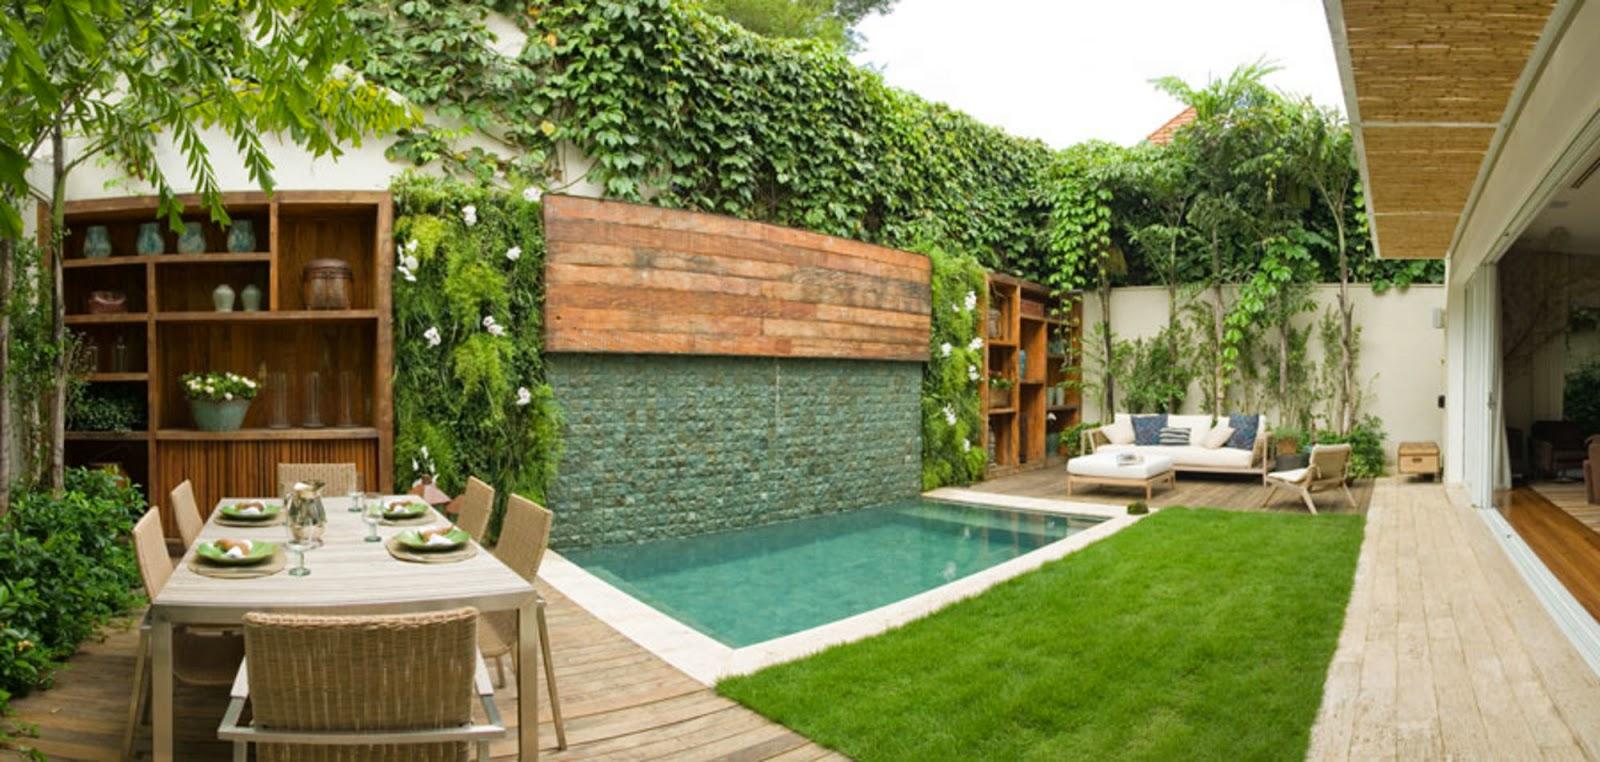 Rea de lazer pequena 60 projetos modelos e fotos for Piscinas en el patio de la casa